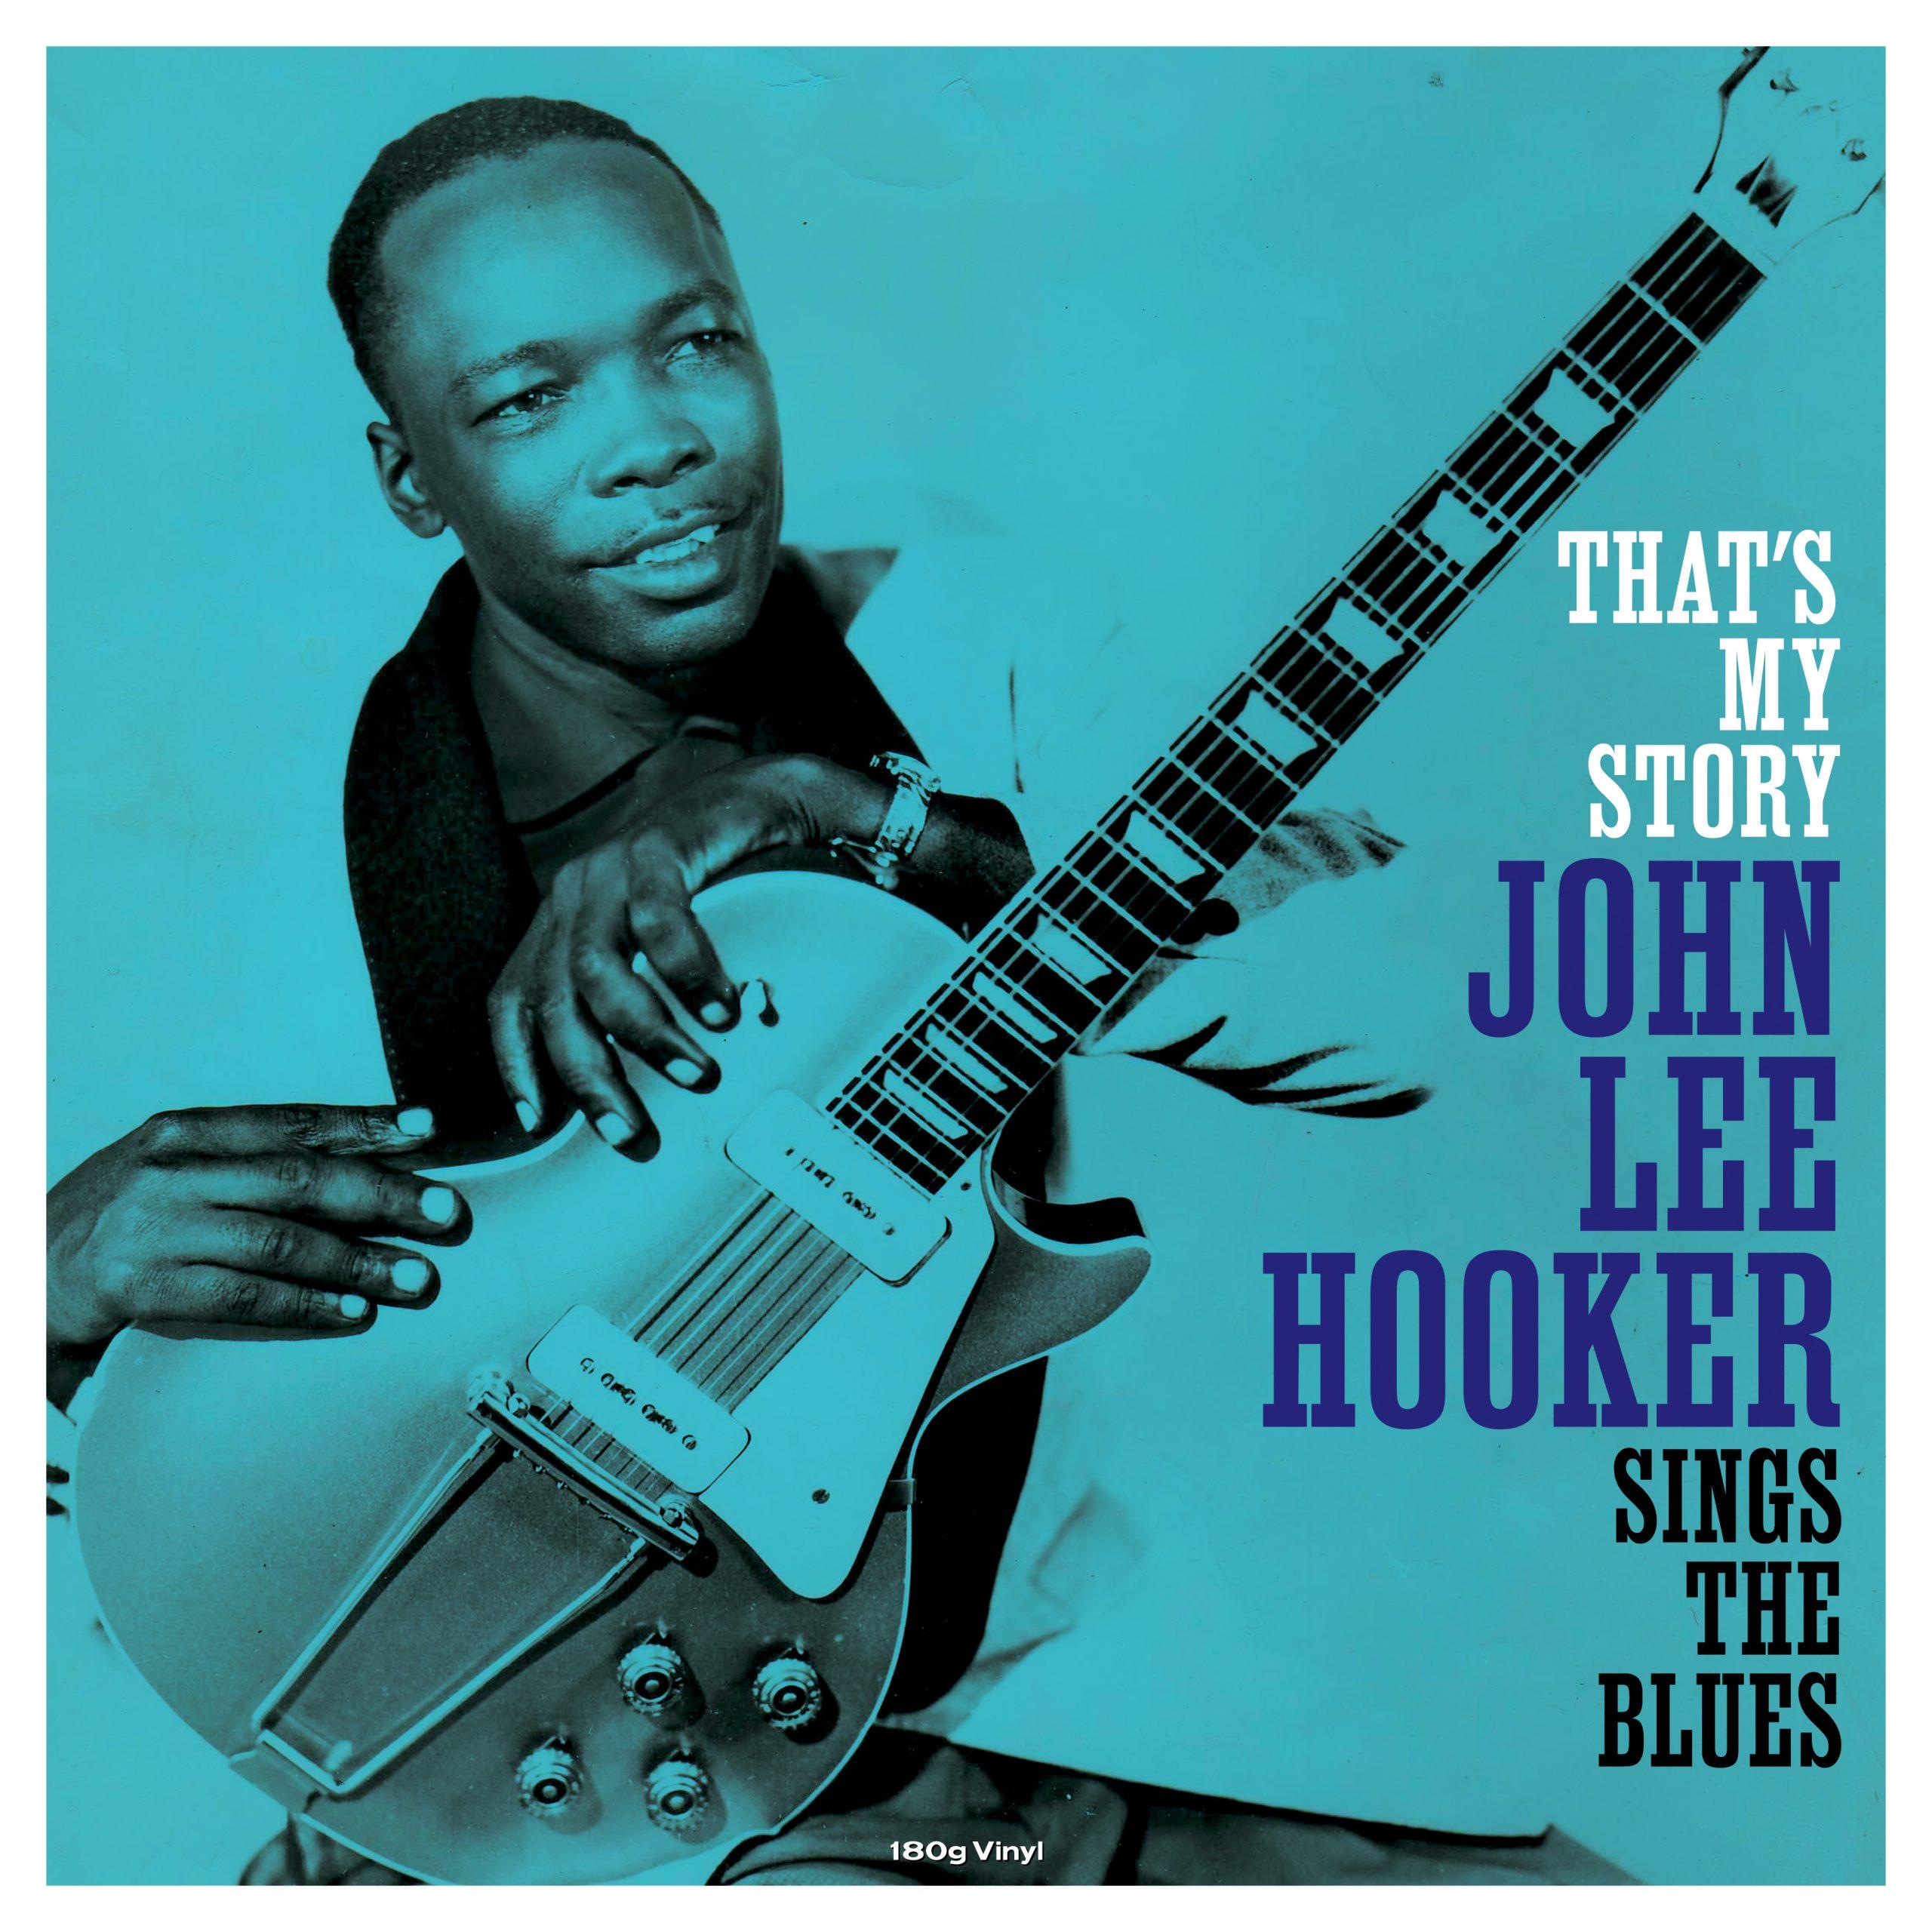 Hooker, John Lee That's My Story Vinyl